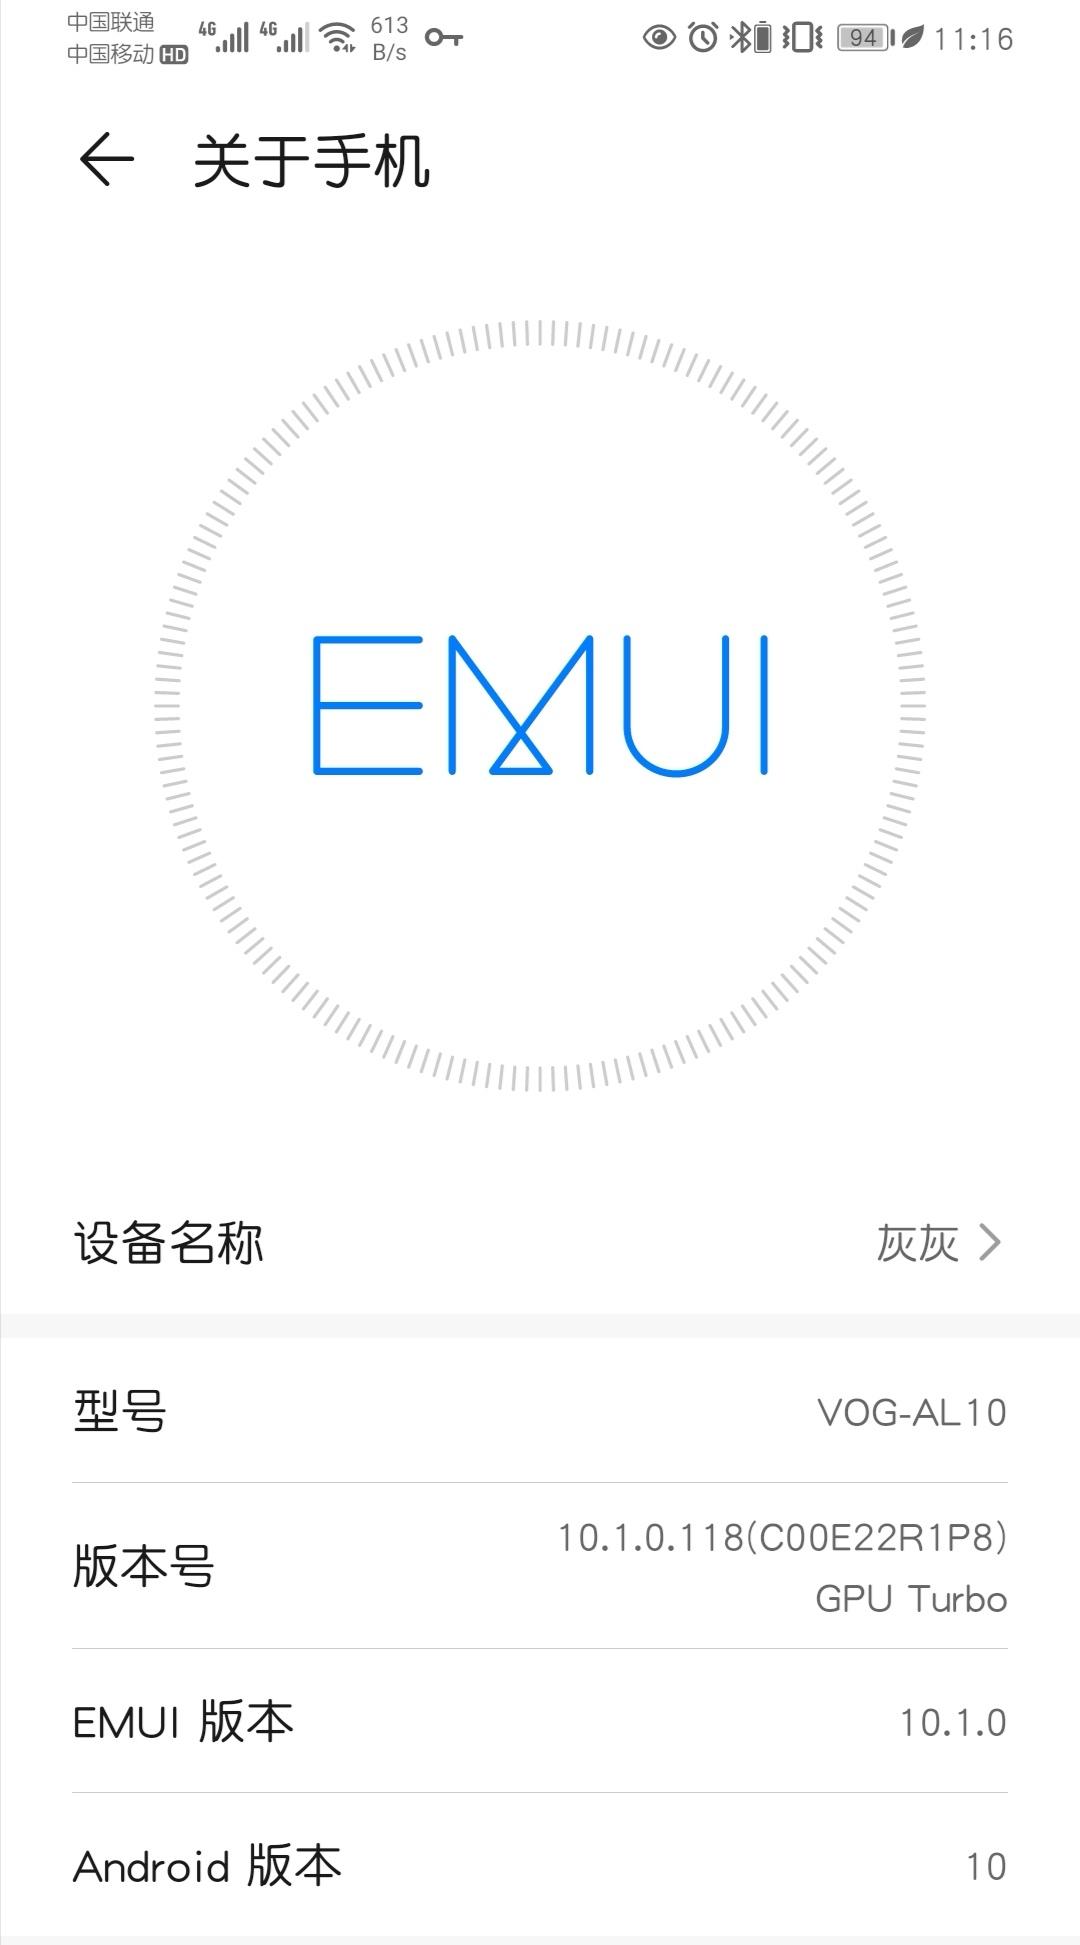 Screenshot_20200518_111638.jpg